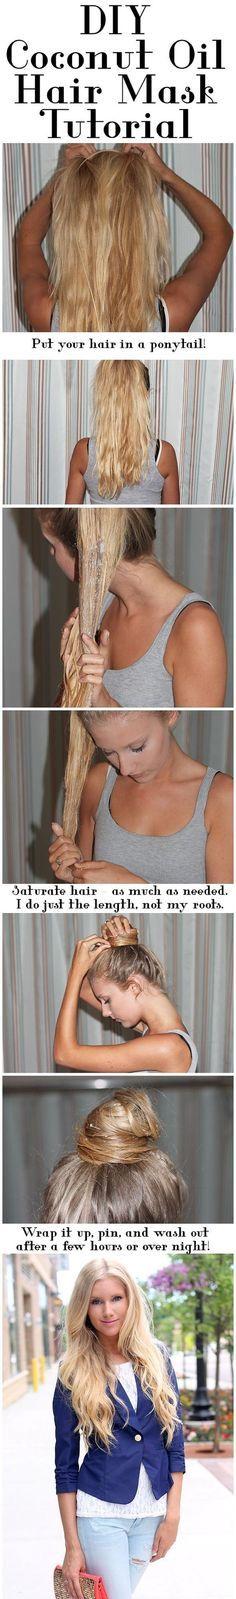 DIY Coconut Oil Hair